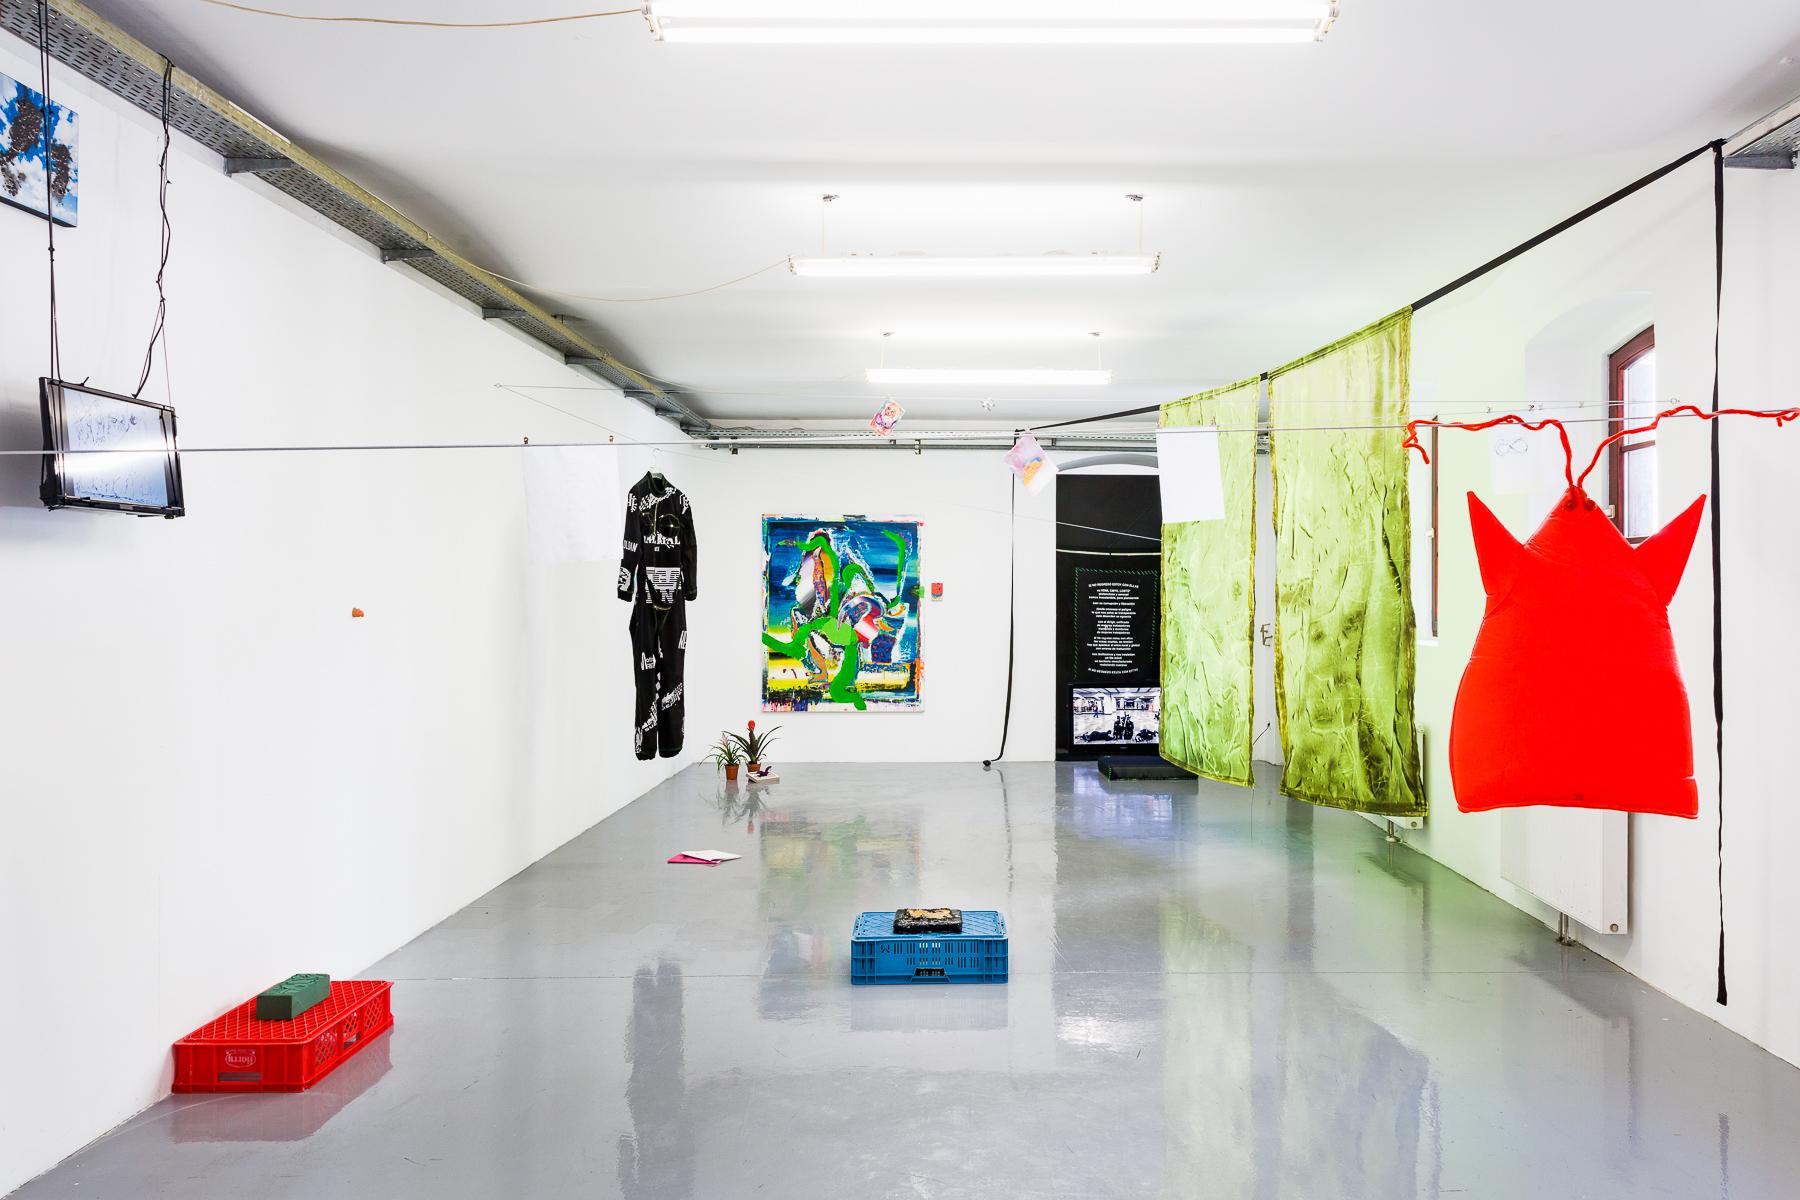 2019_07_23_Ebullicion_Kunstraum-am-Schauplatz_018_web.jpg